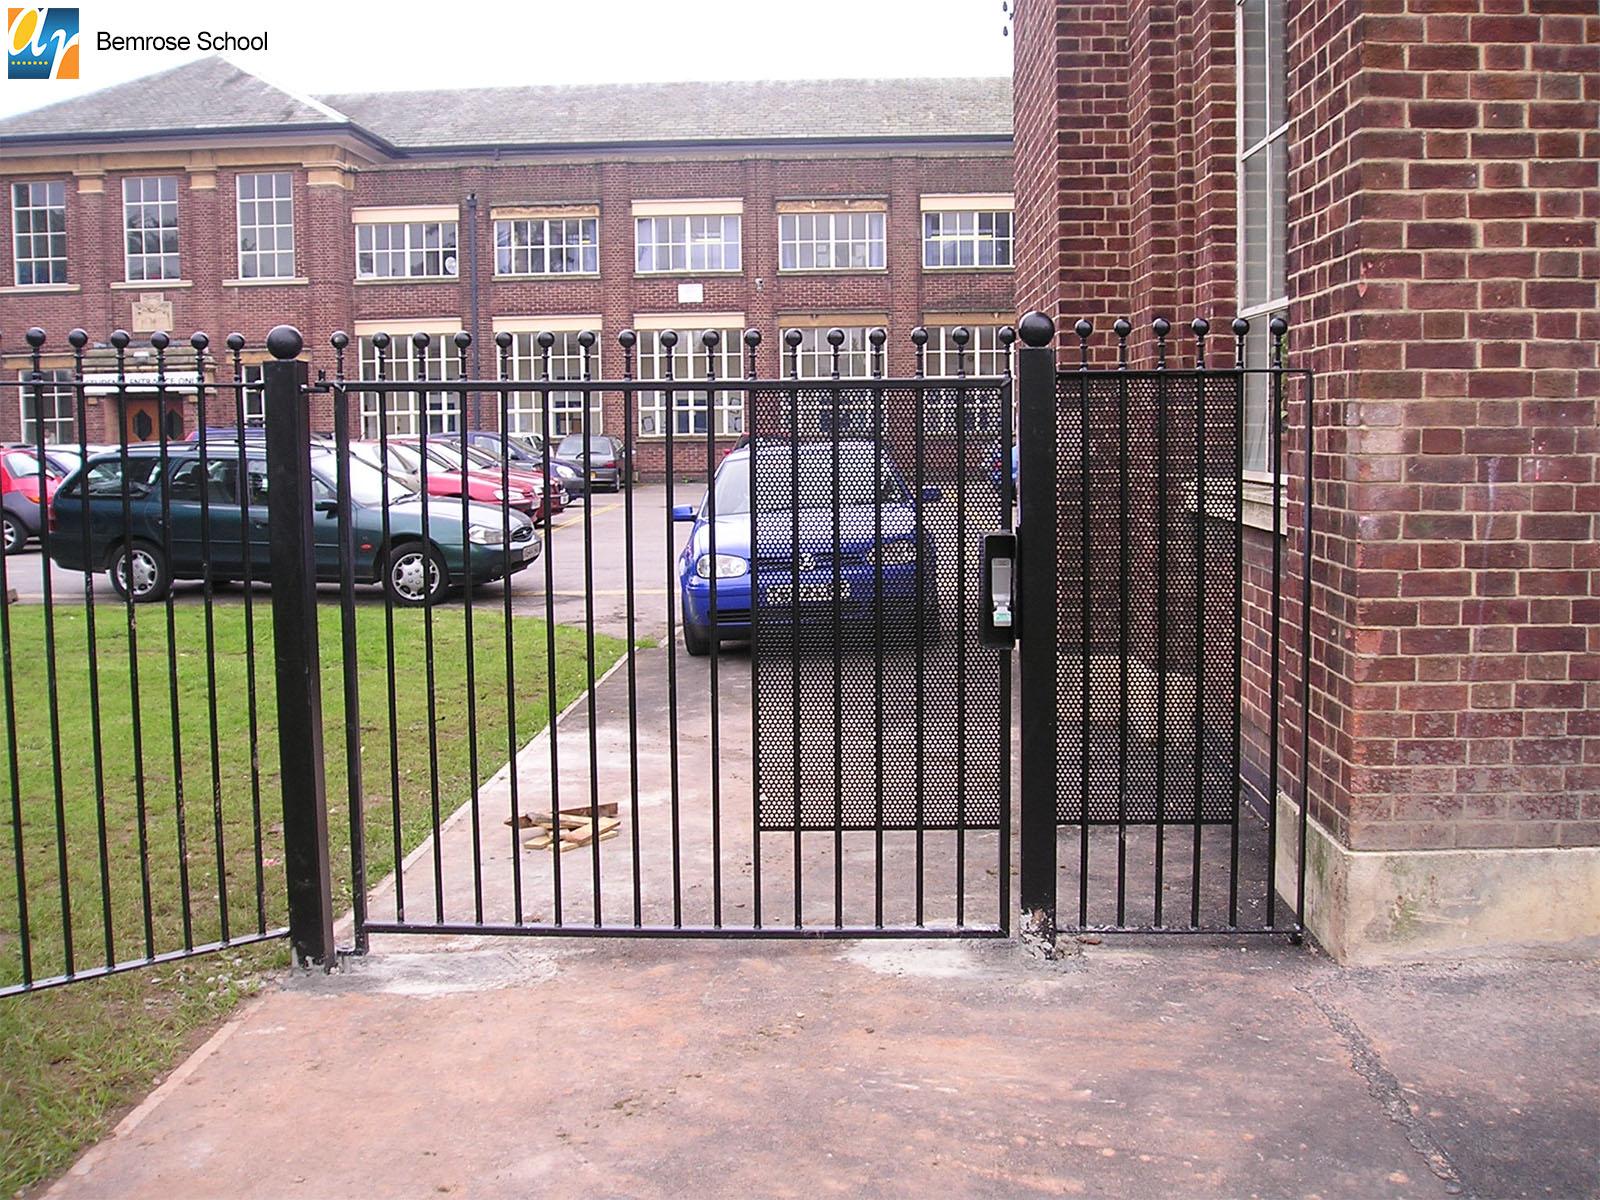 Bemrose School metal railings